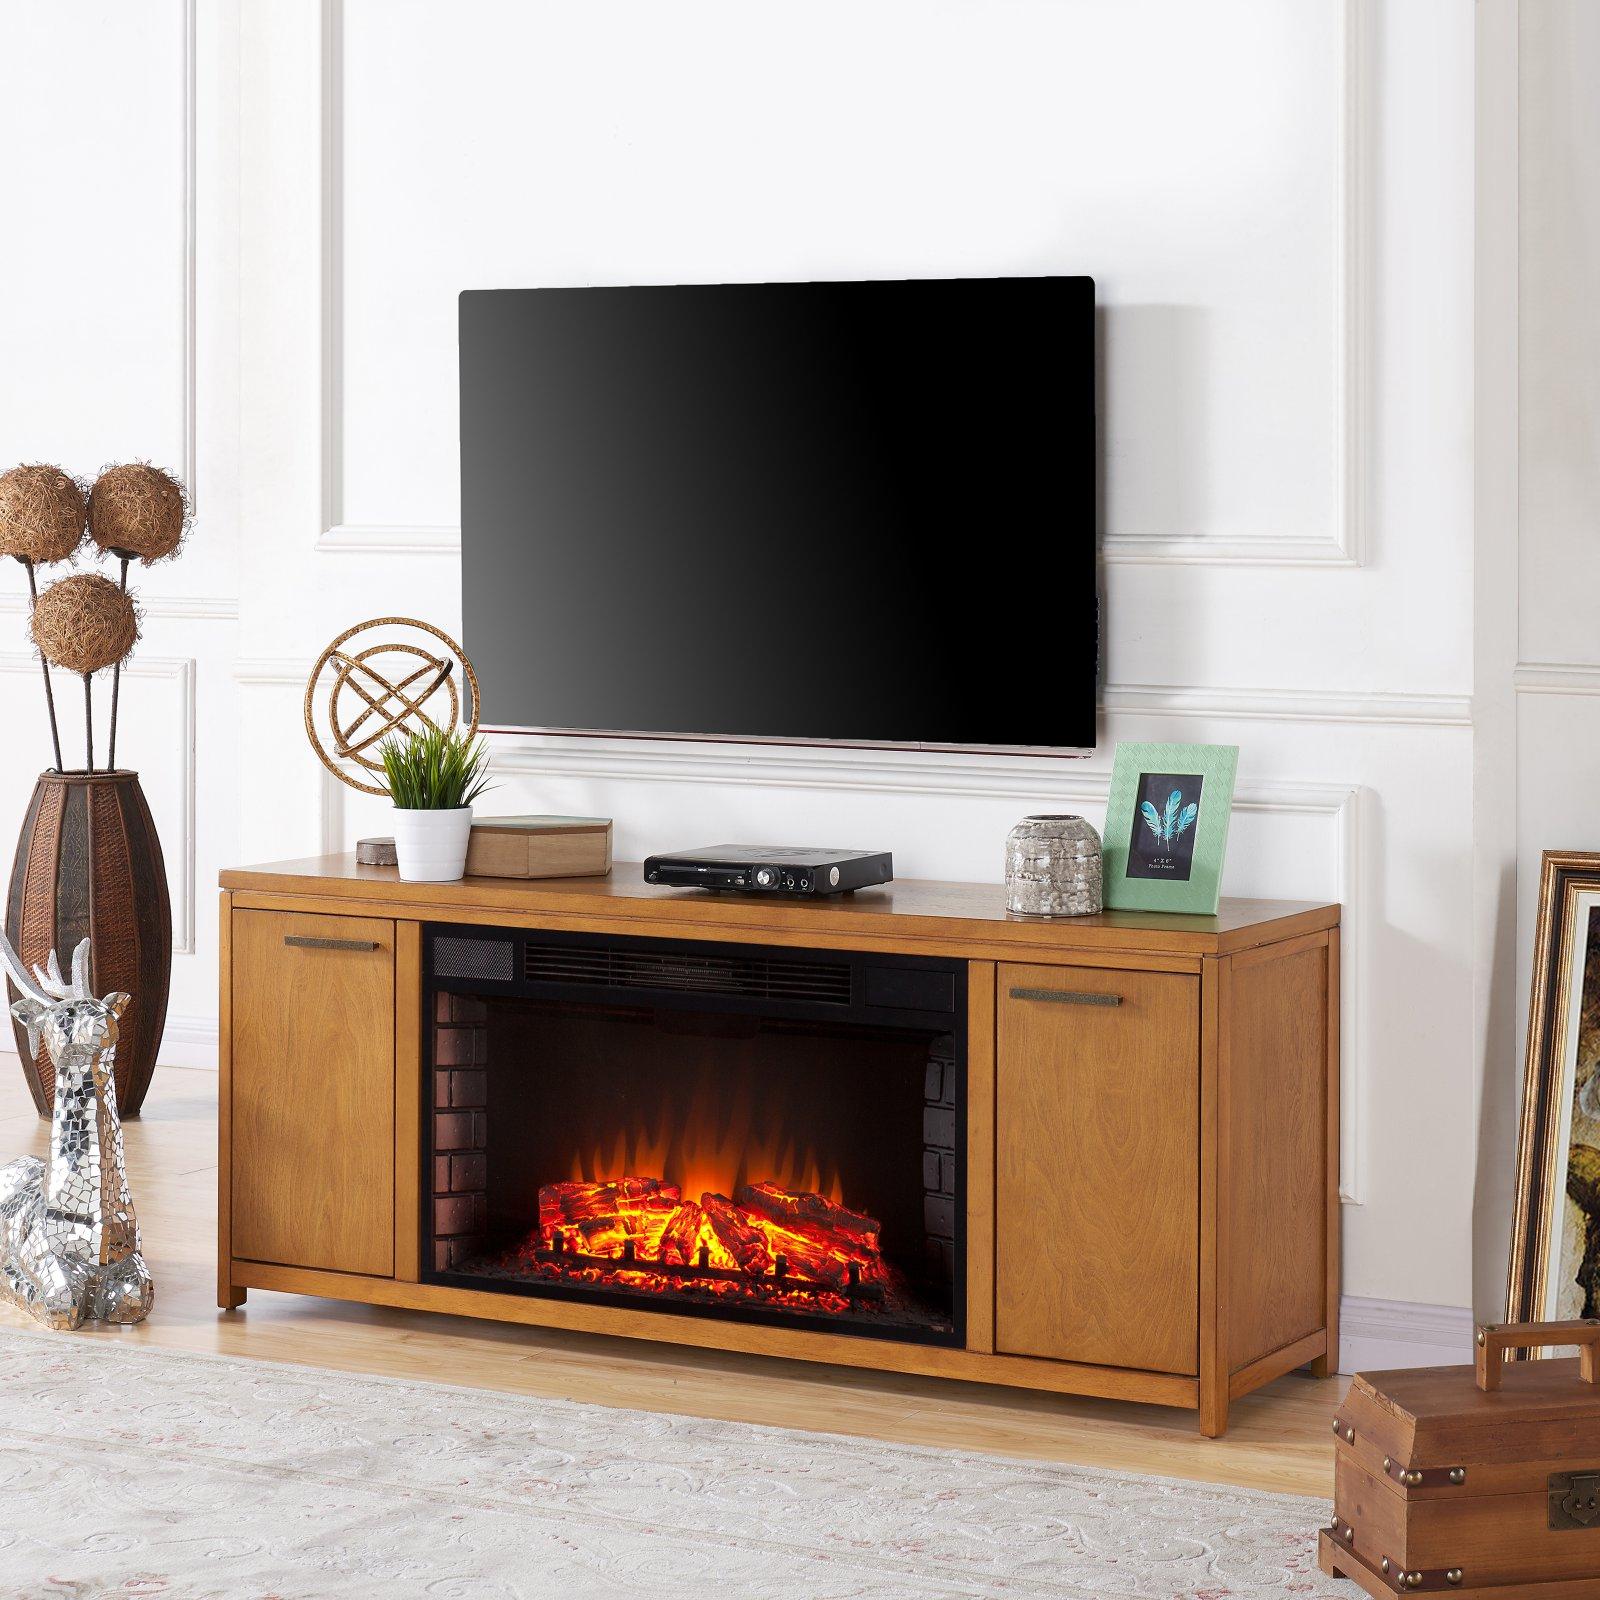 Southern Enterprises Lymden Electric Fireplace TV Stand - Oak